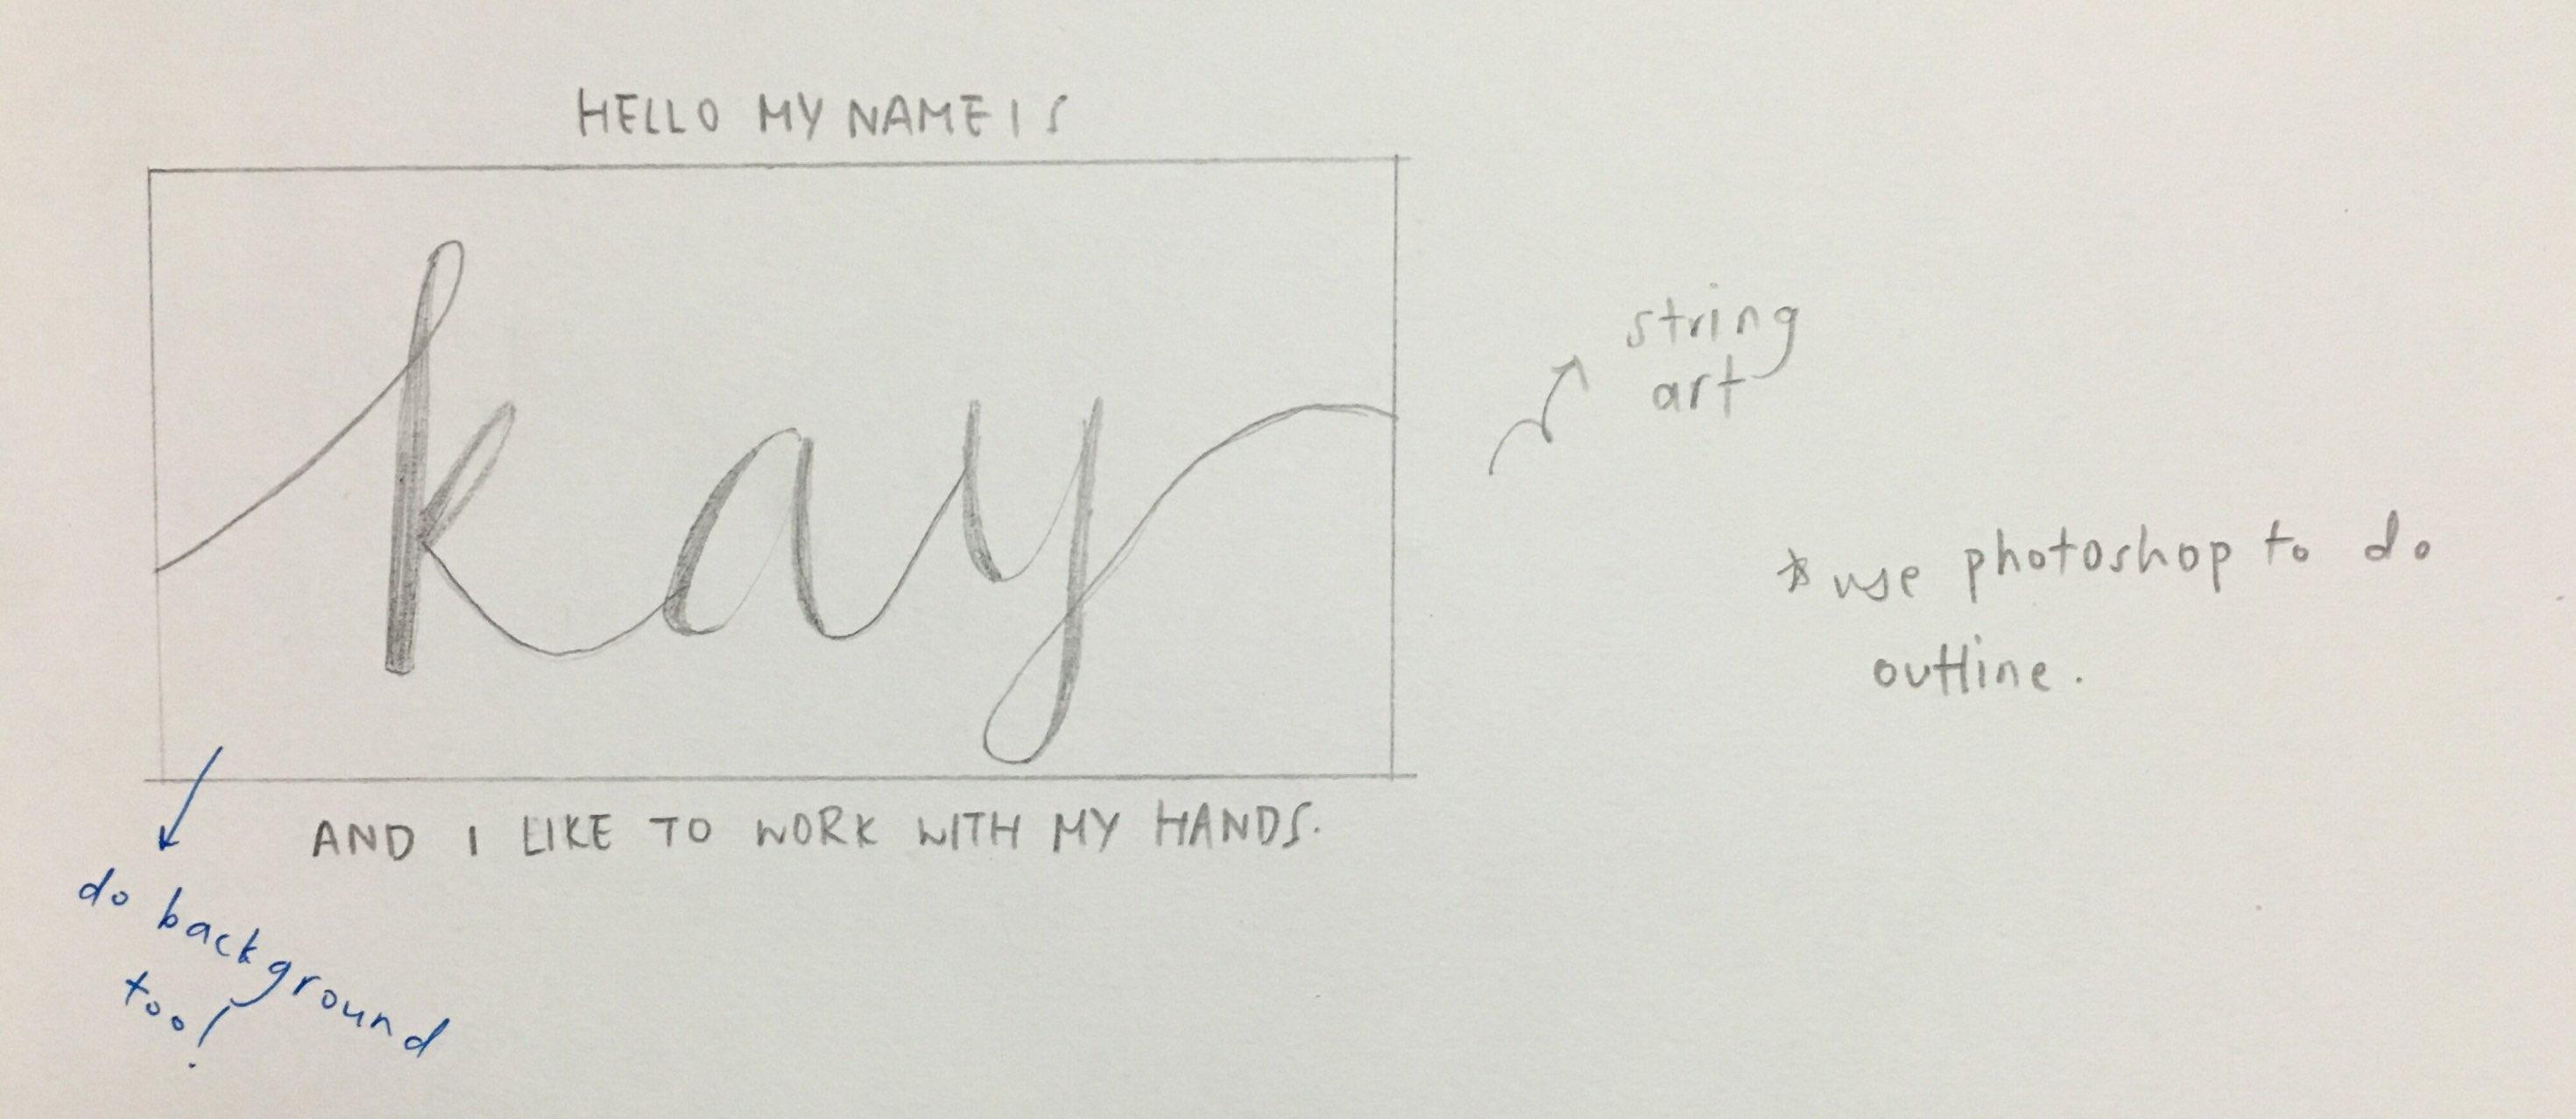 Typographic Portrait: Process I